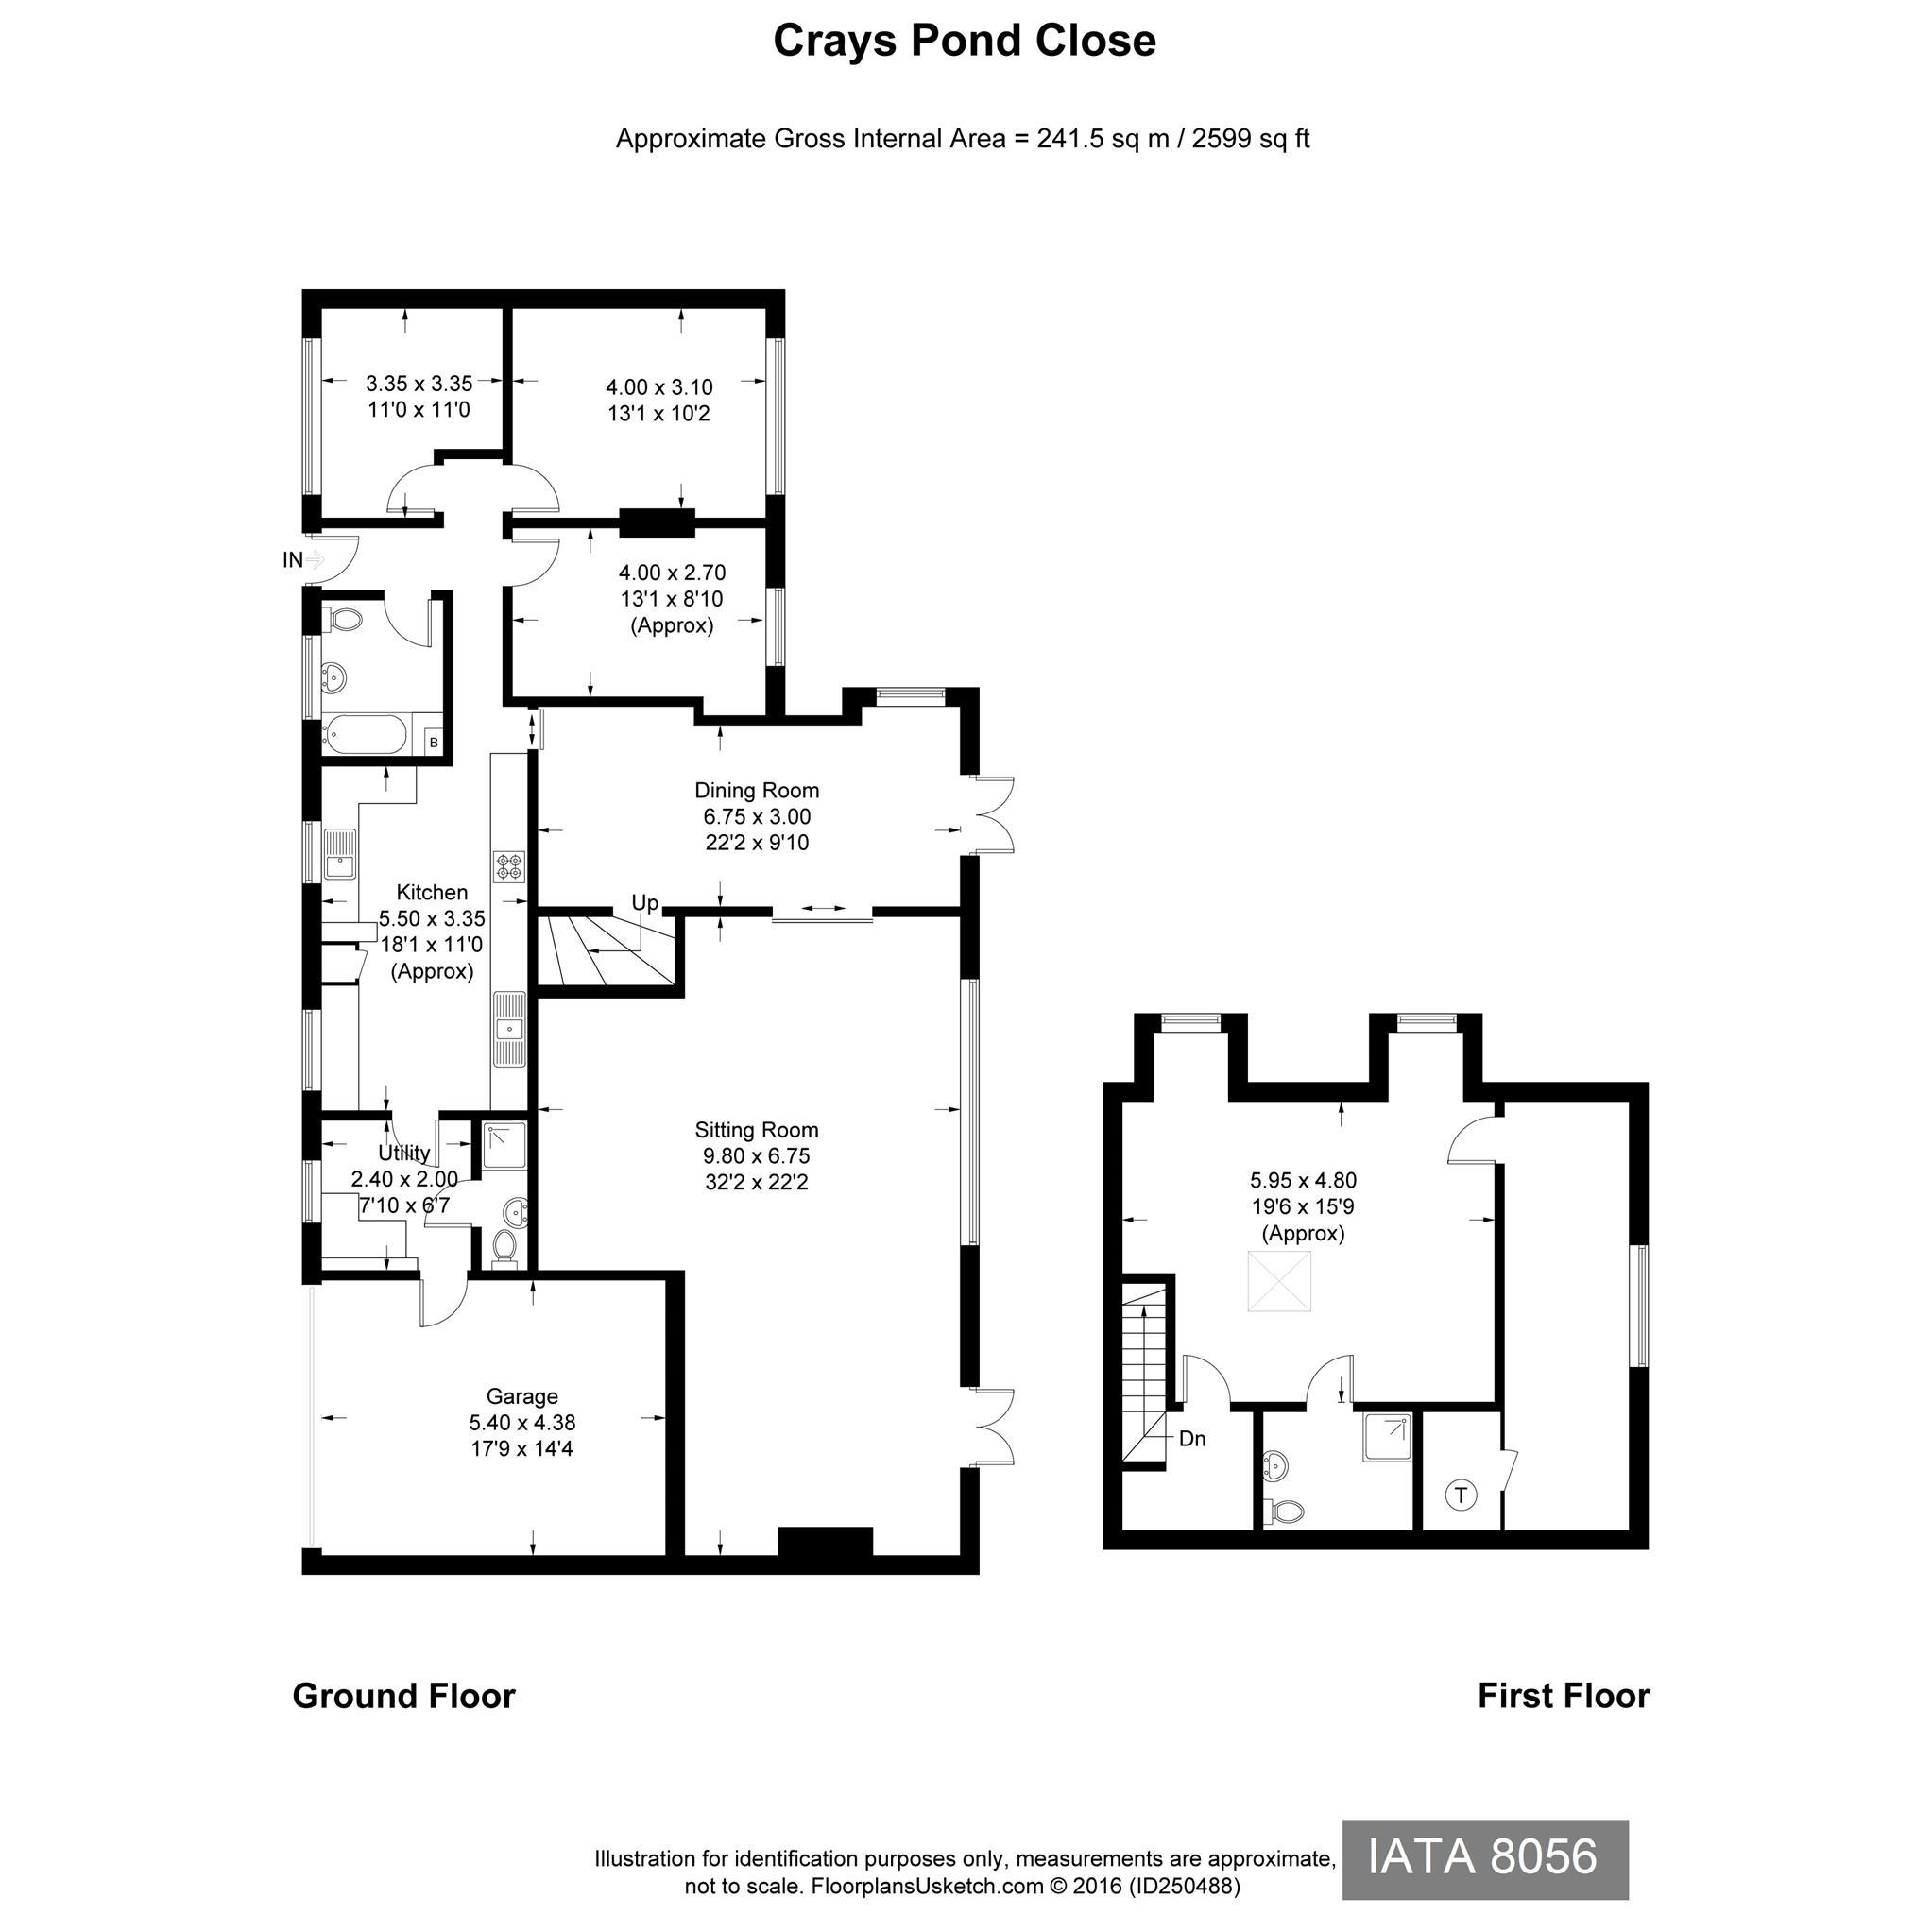 Crays Pond Close Reading Plans And Diagram Epc For Iata8056